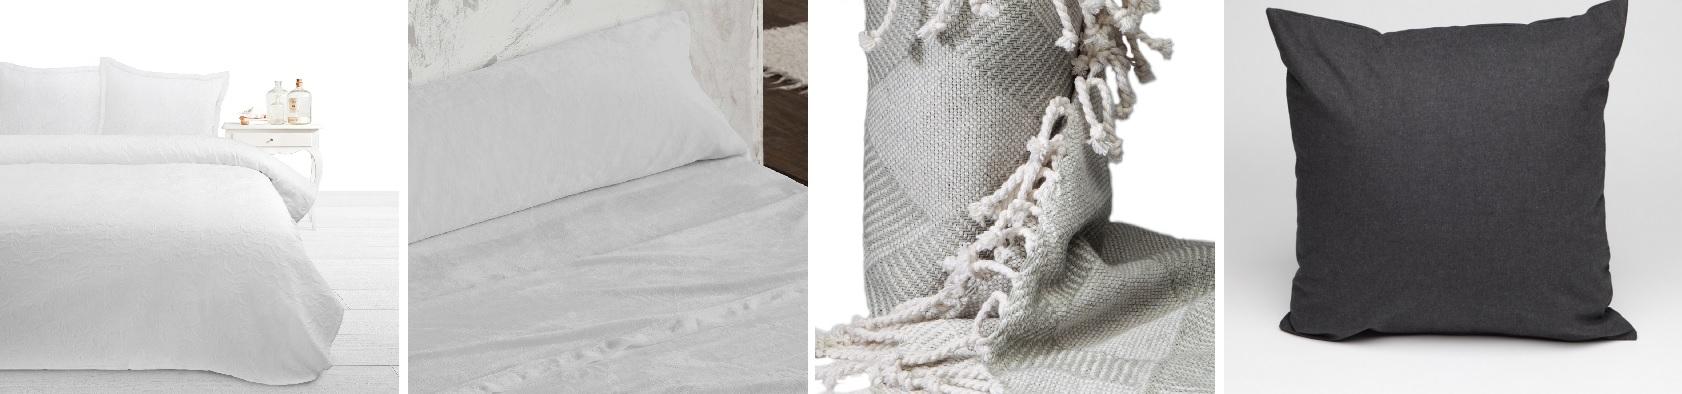 32af5467c La ropa de cama que hemos elegido para este primer conjunto es  una colcha  en blanco tejida en jacquard con un diseño de hojas en blanco.